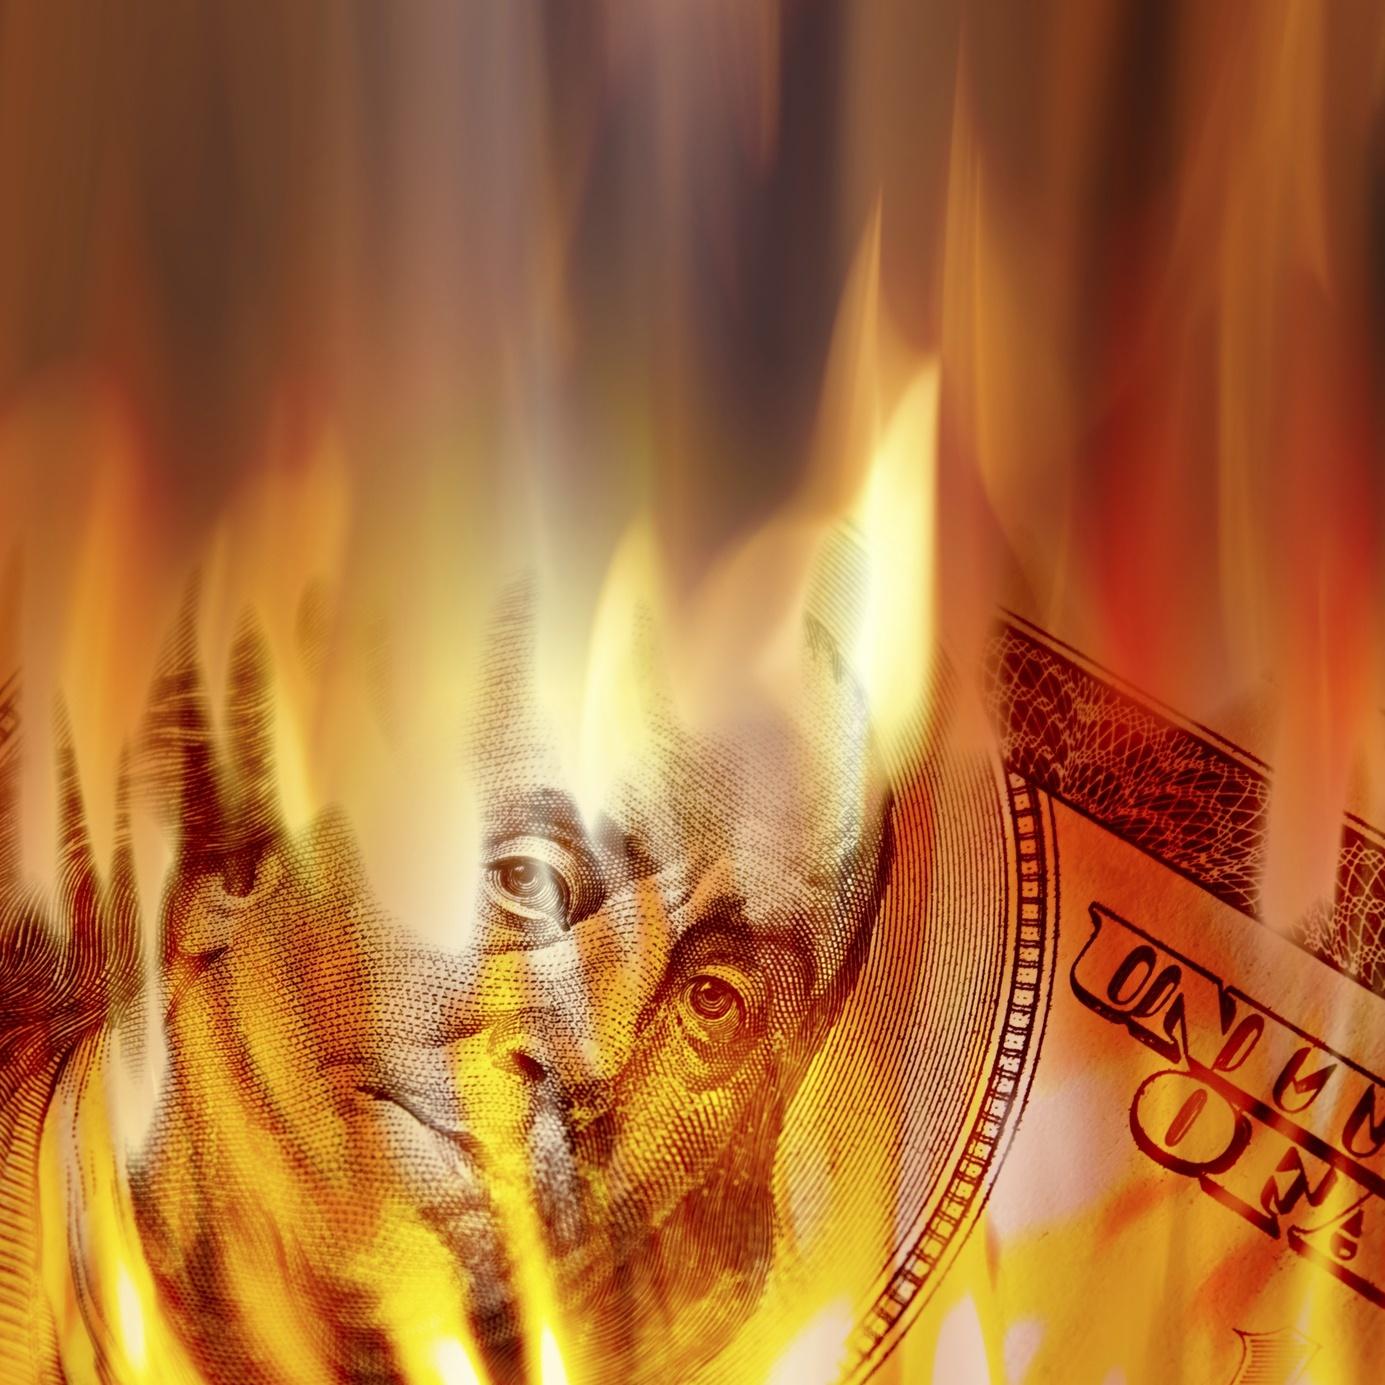 a dollar bill burning in fire